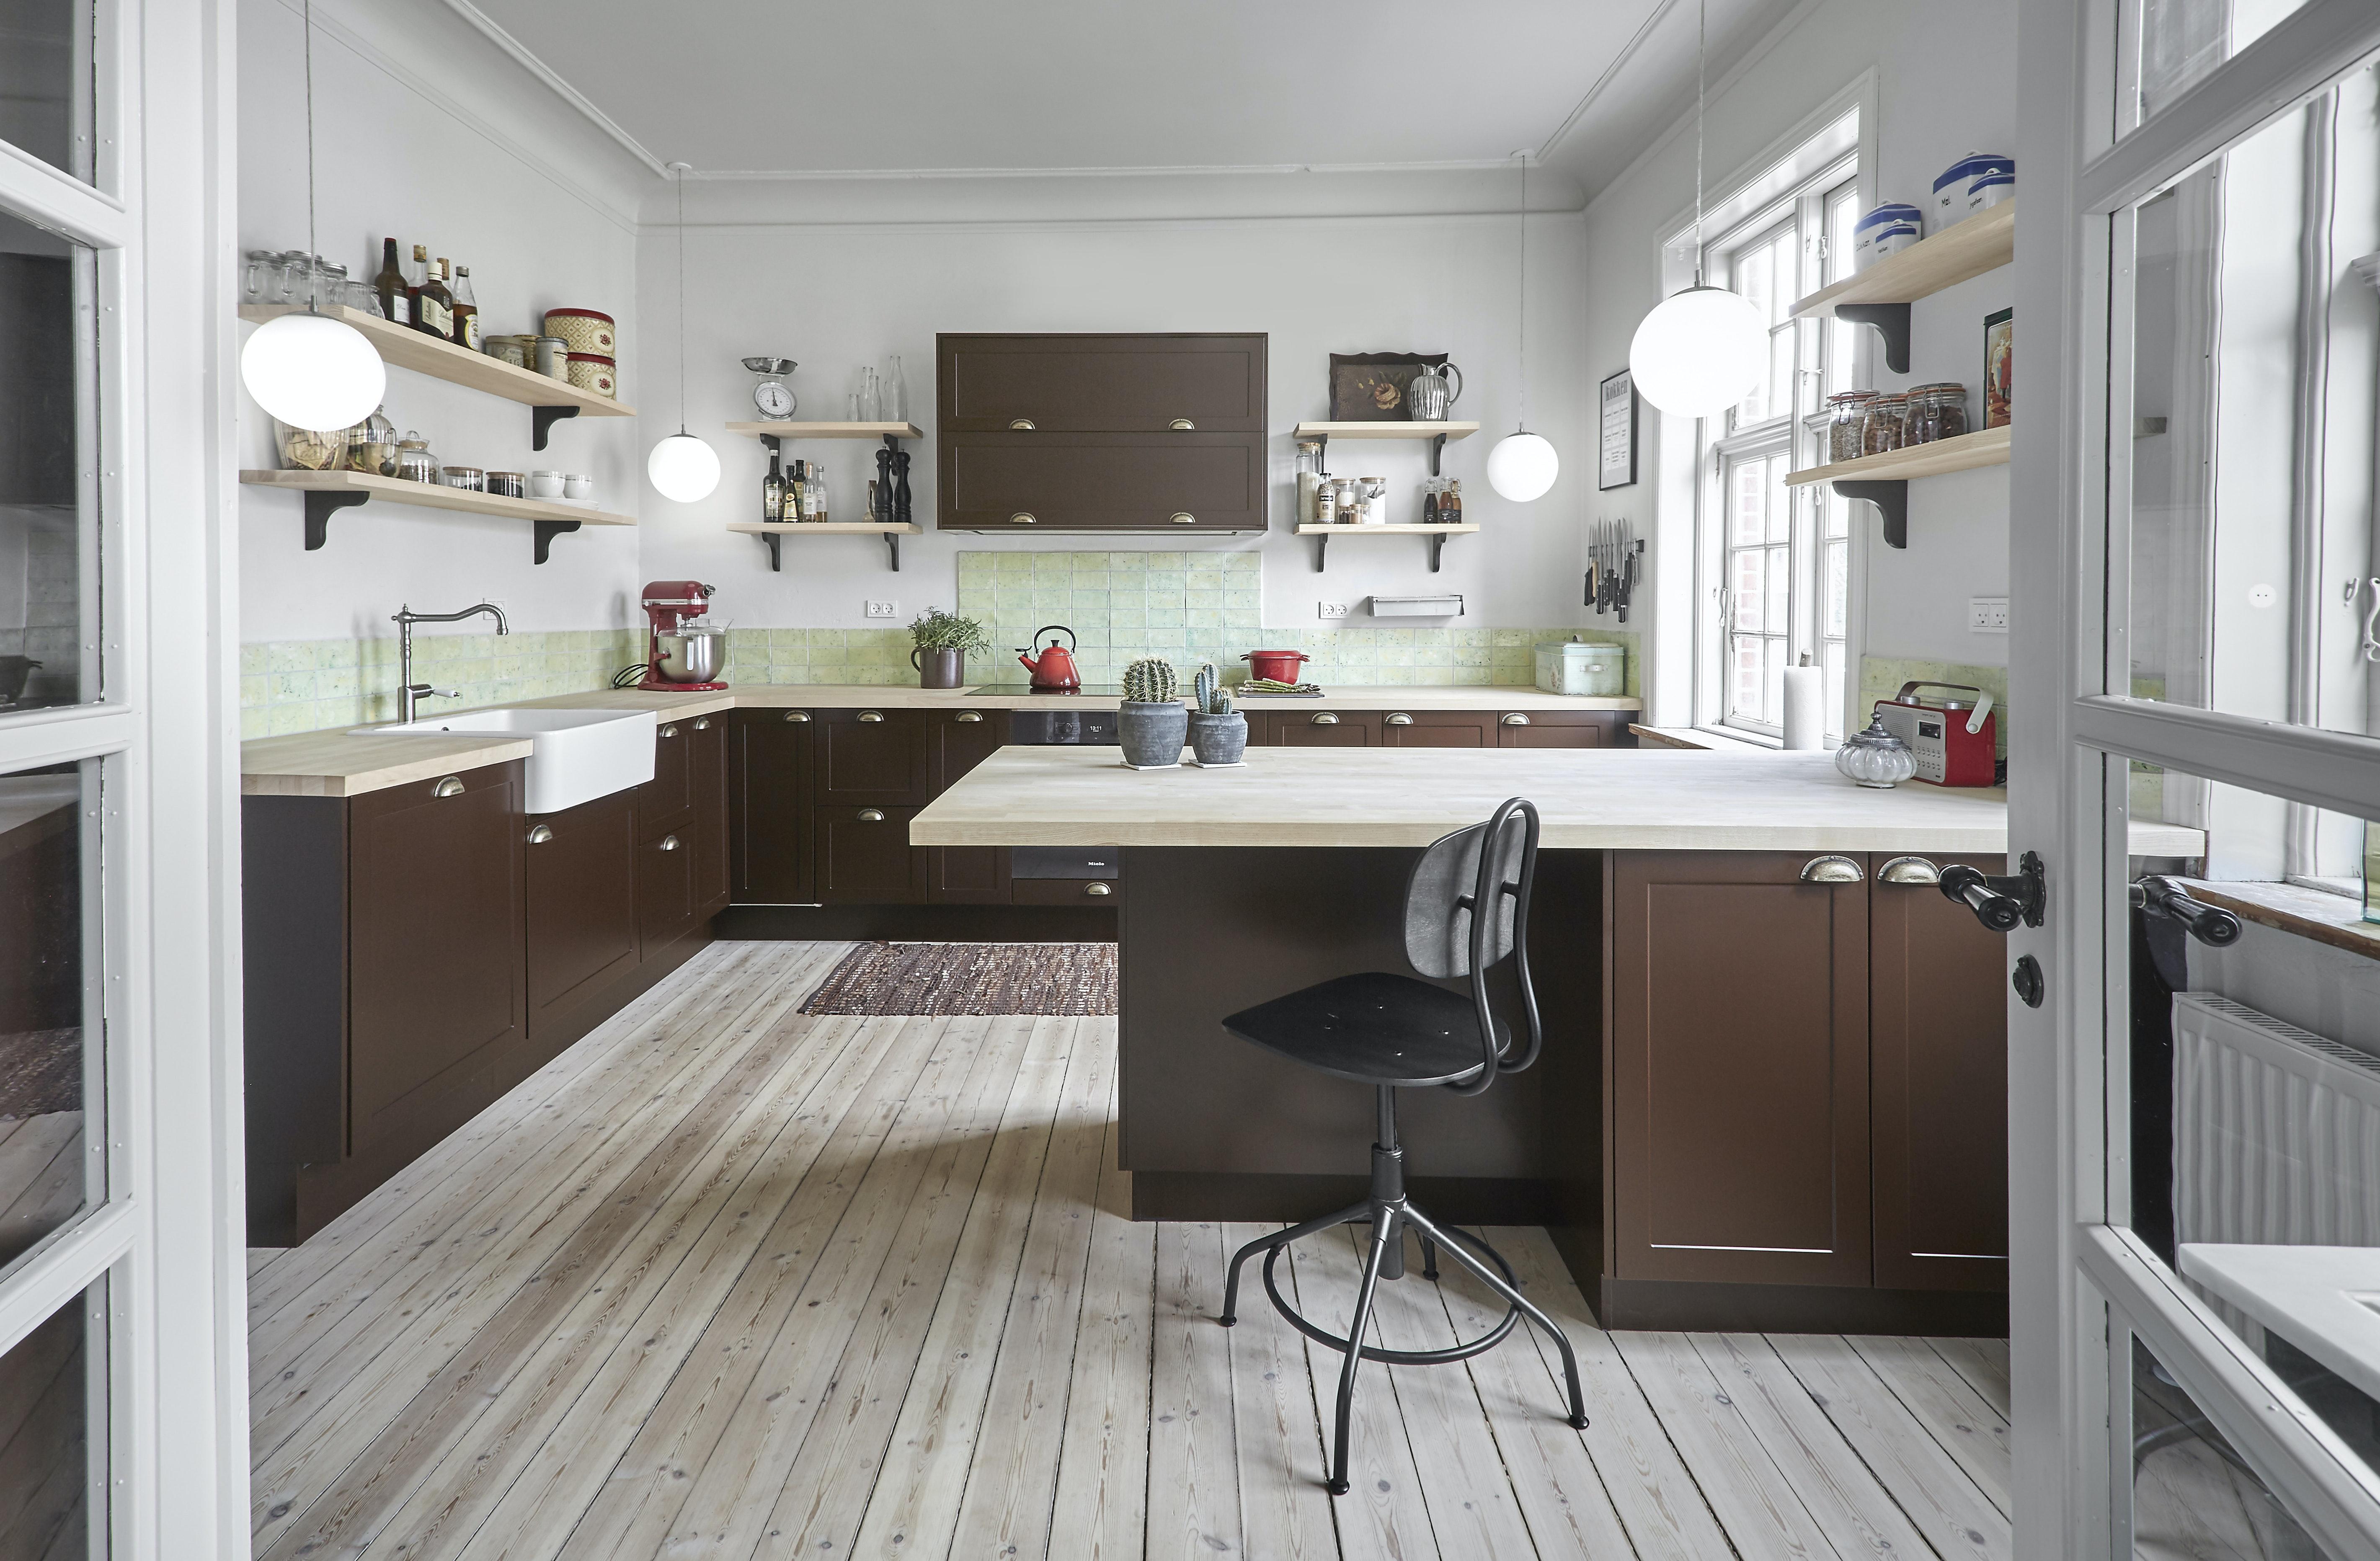 køkken nyt køkken murermestervilla tvis køkkener